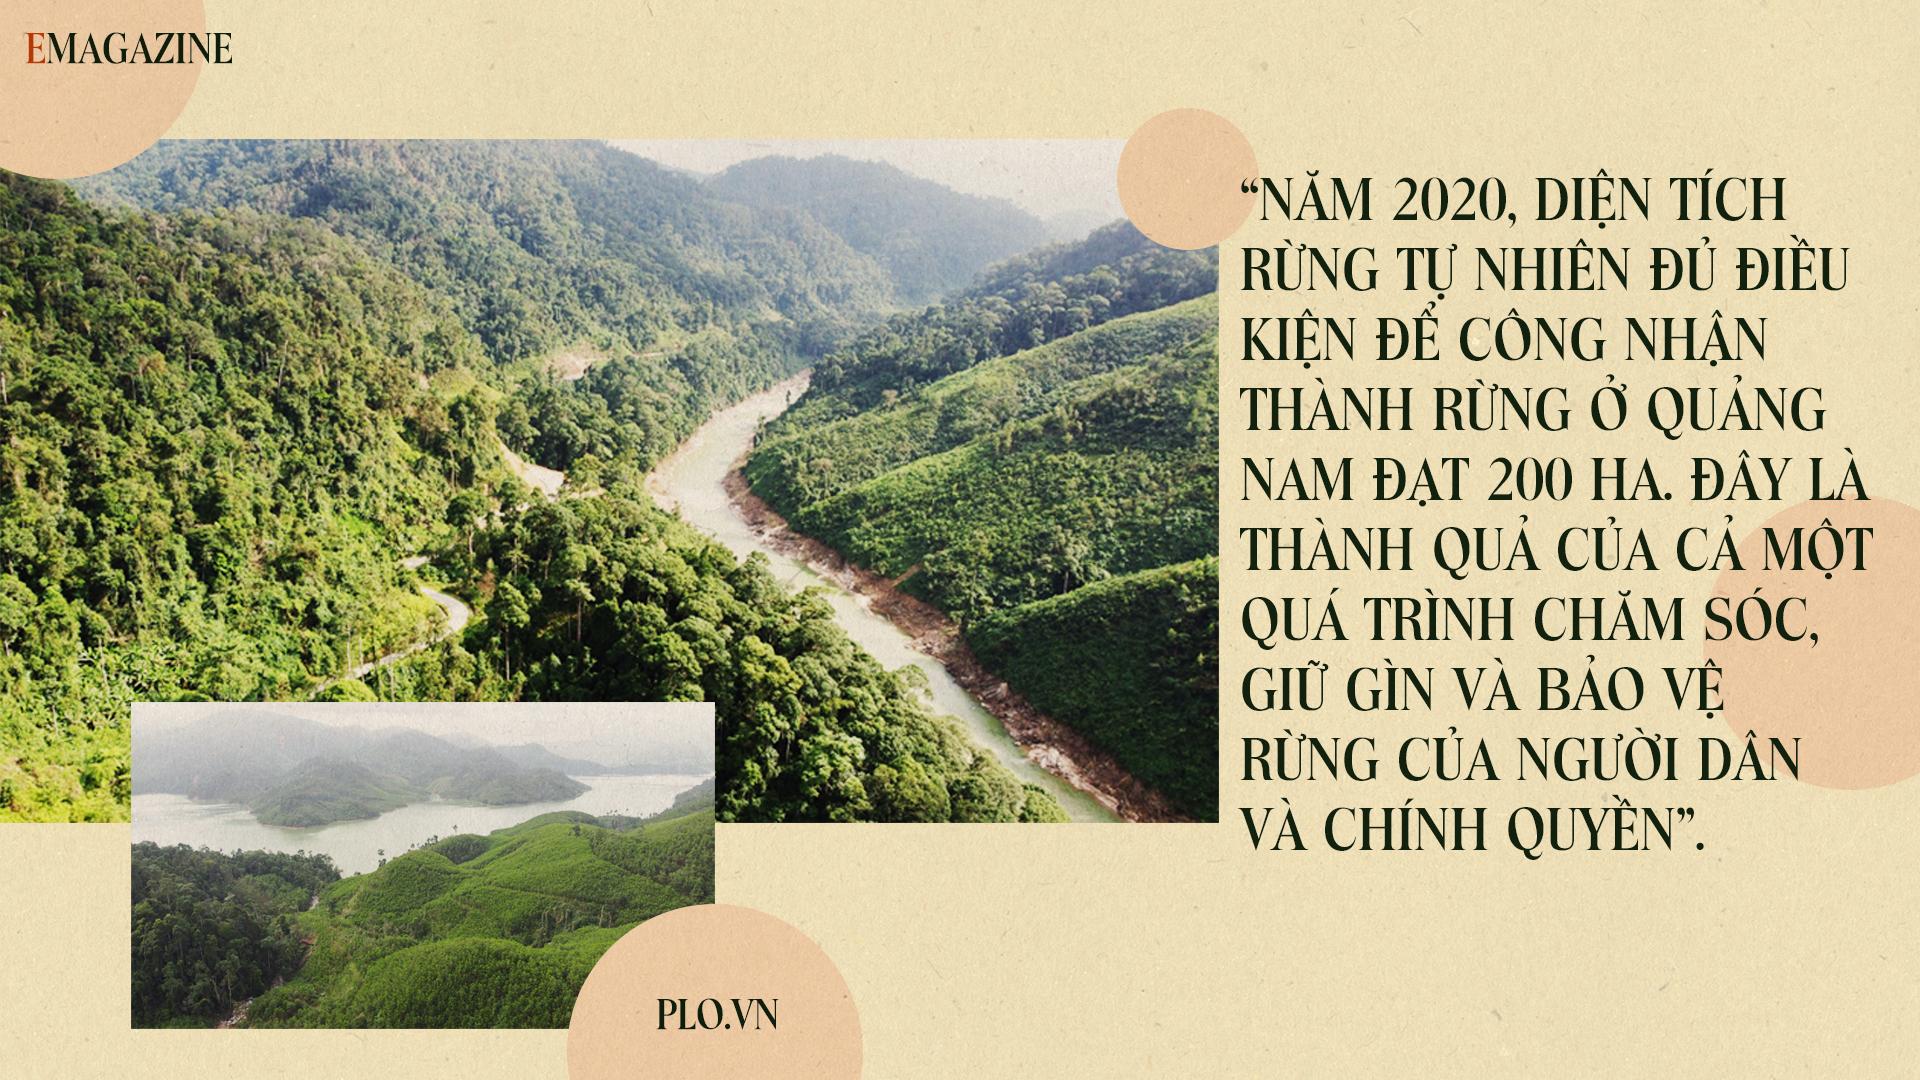 Emagazine: Chủ tịch Quảng Nam và 4 điểm nhấn phát triển - ảnh 3